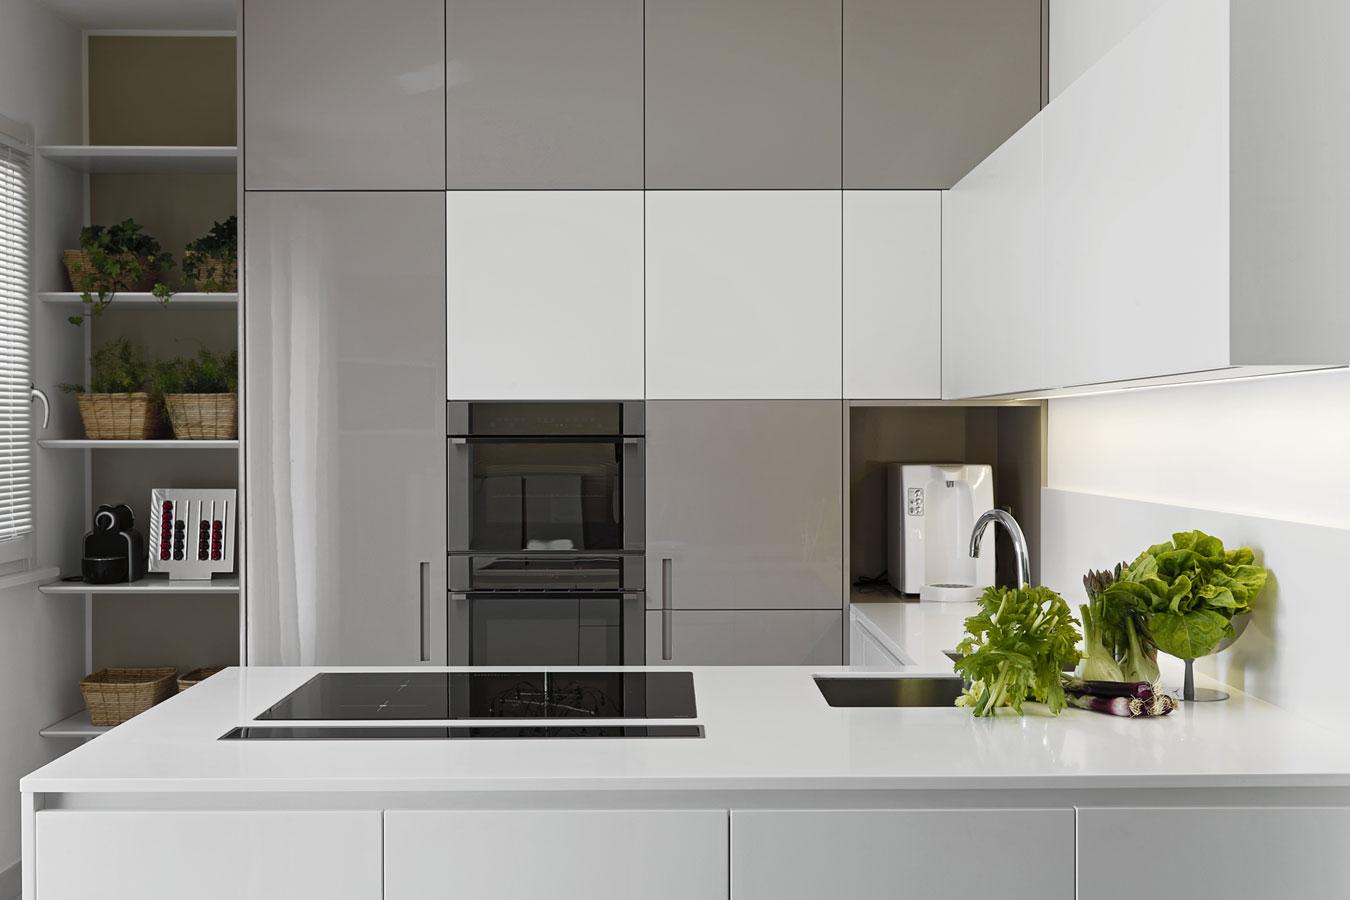 Keuken Ideeen Kleuren : Moderne keuken met composiet werkblad